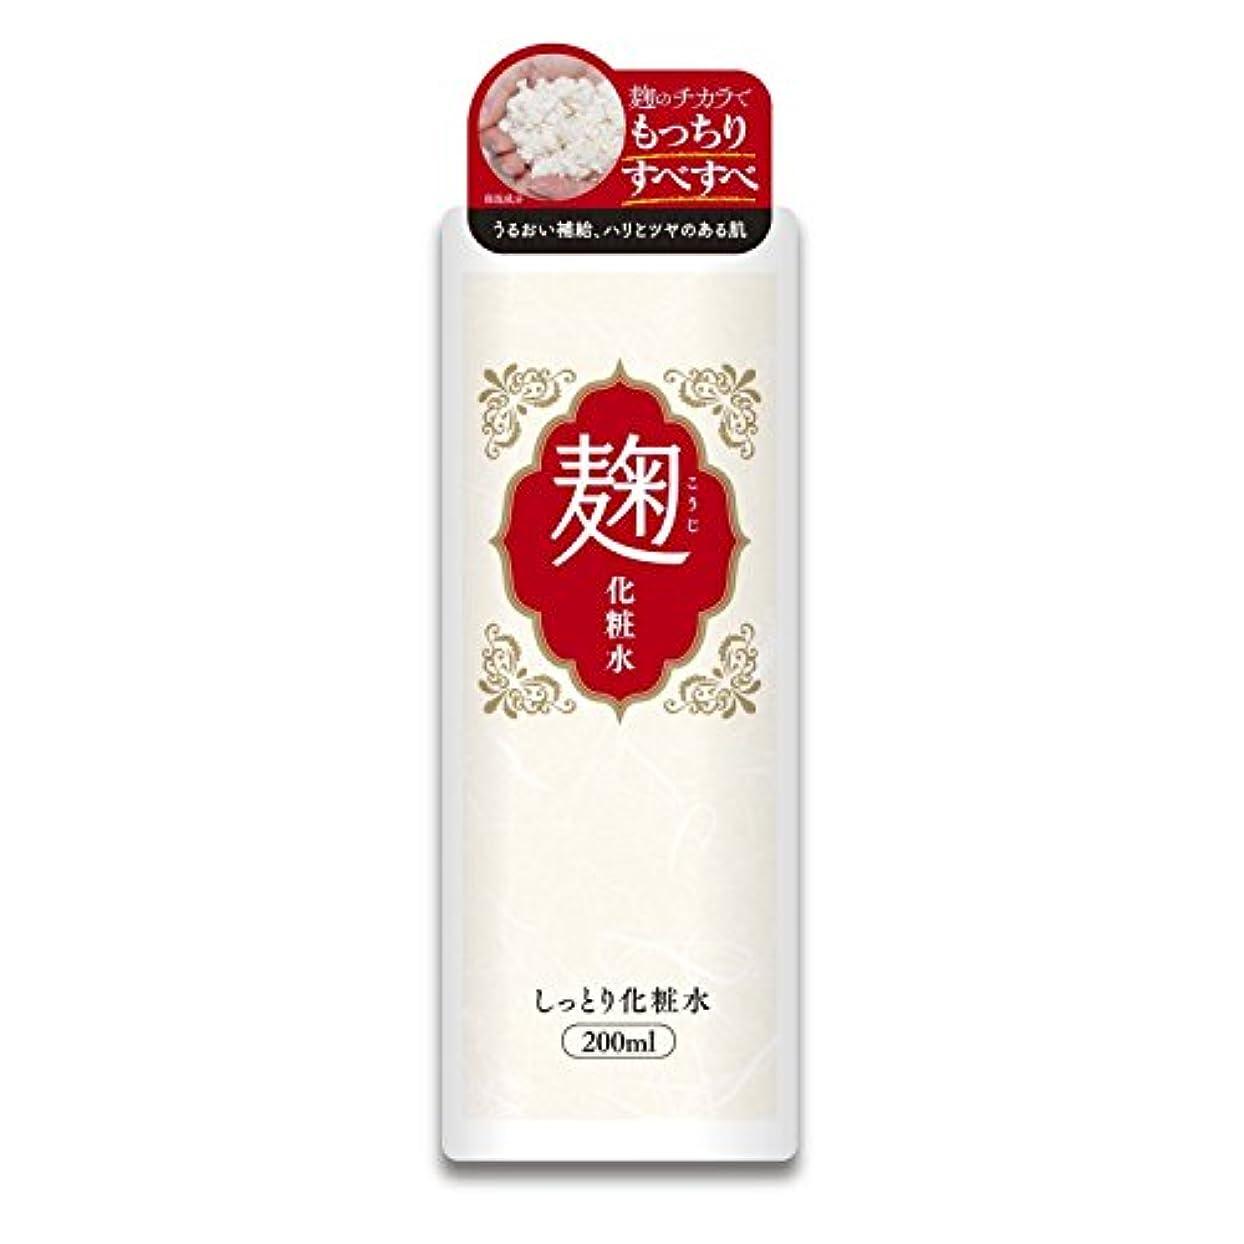 獲物小説家ランチユゼ 麹配合美肌しっとり化粧水 200mL